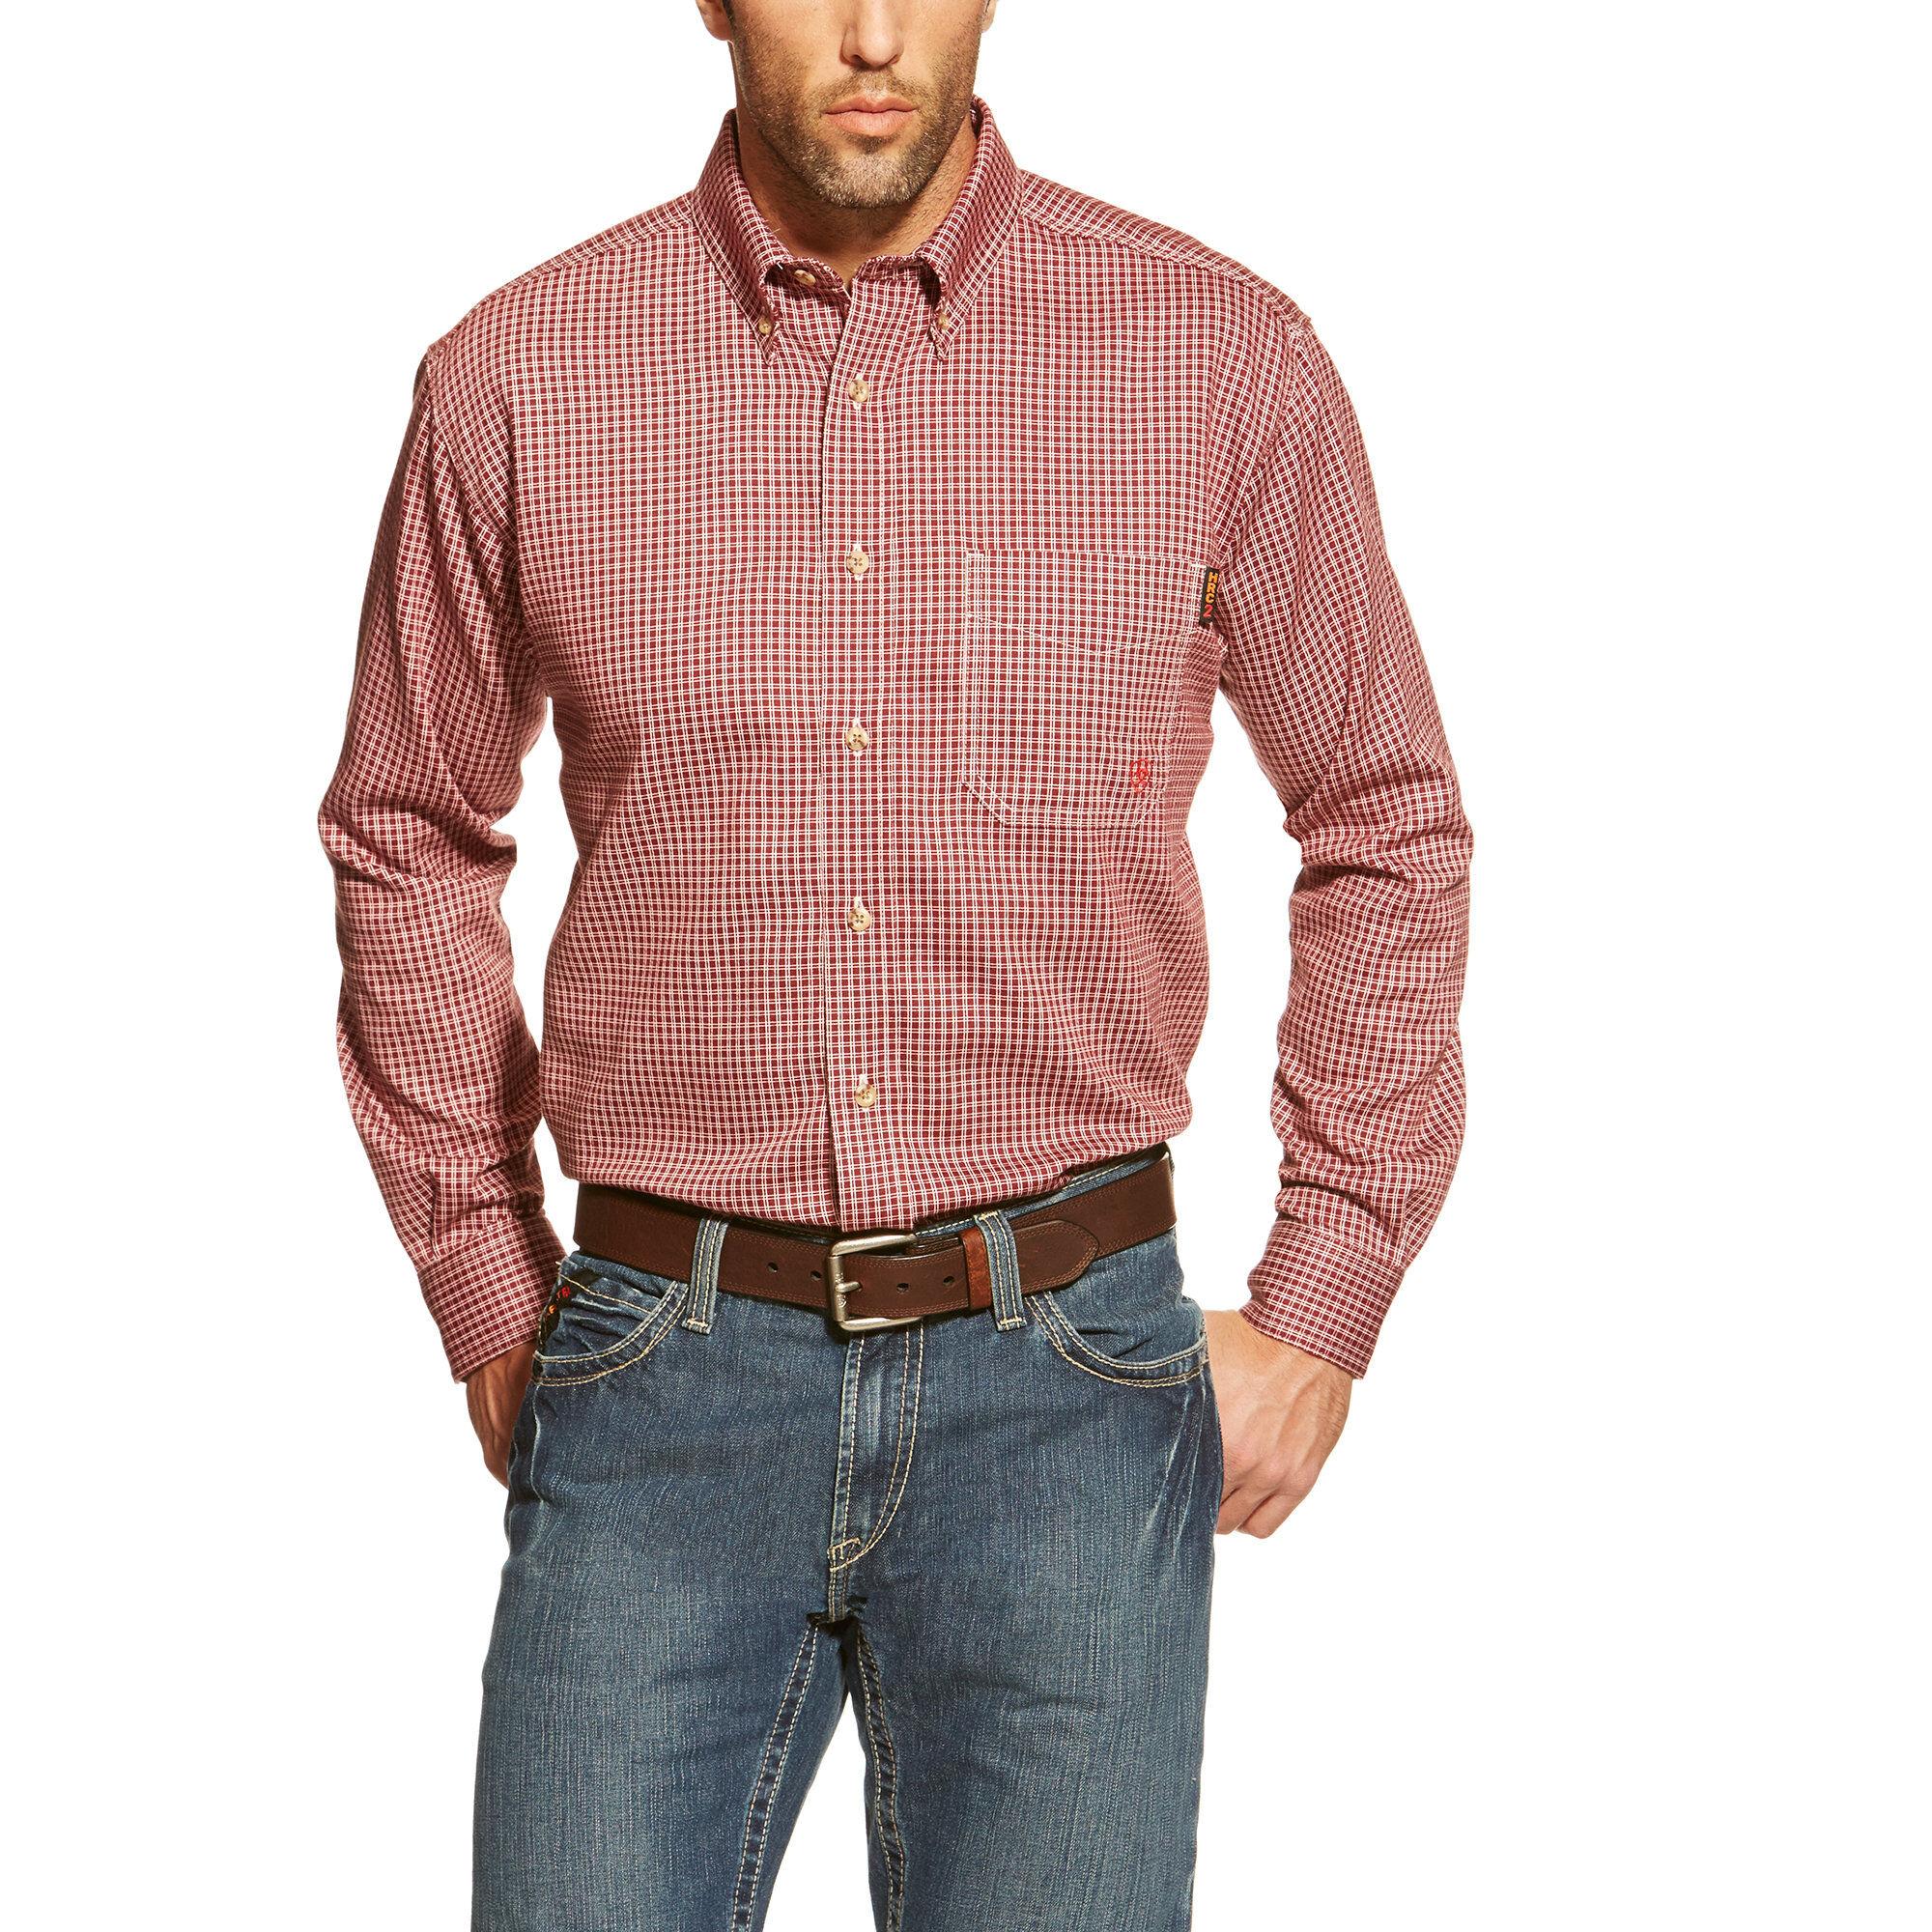 FR Bell Work Shirt